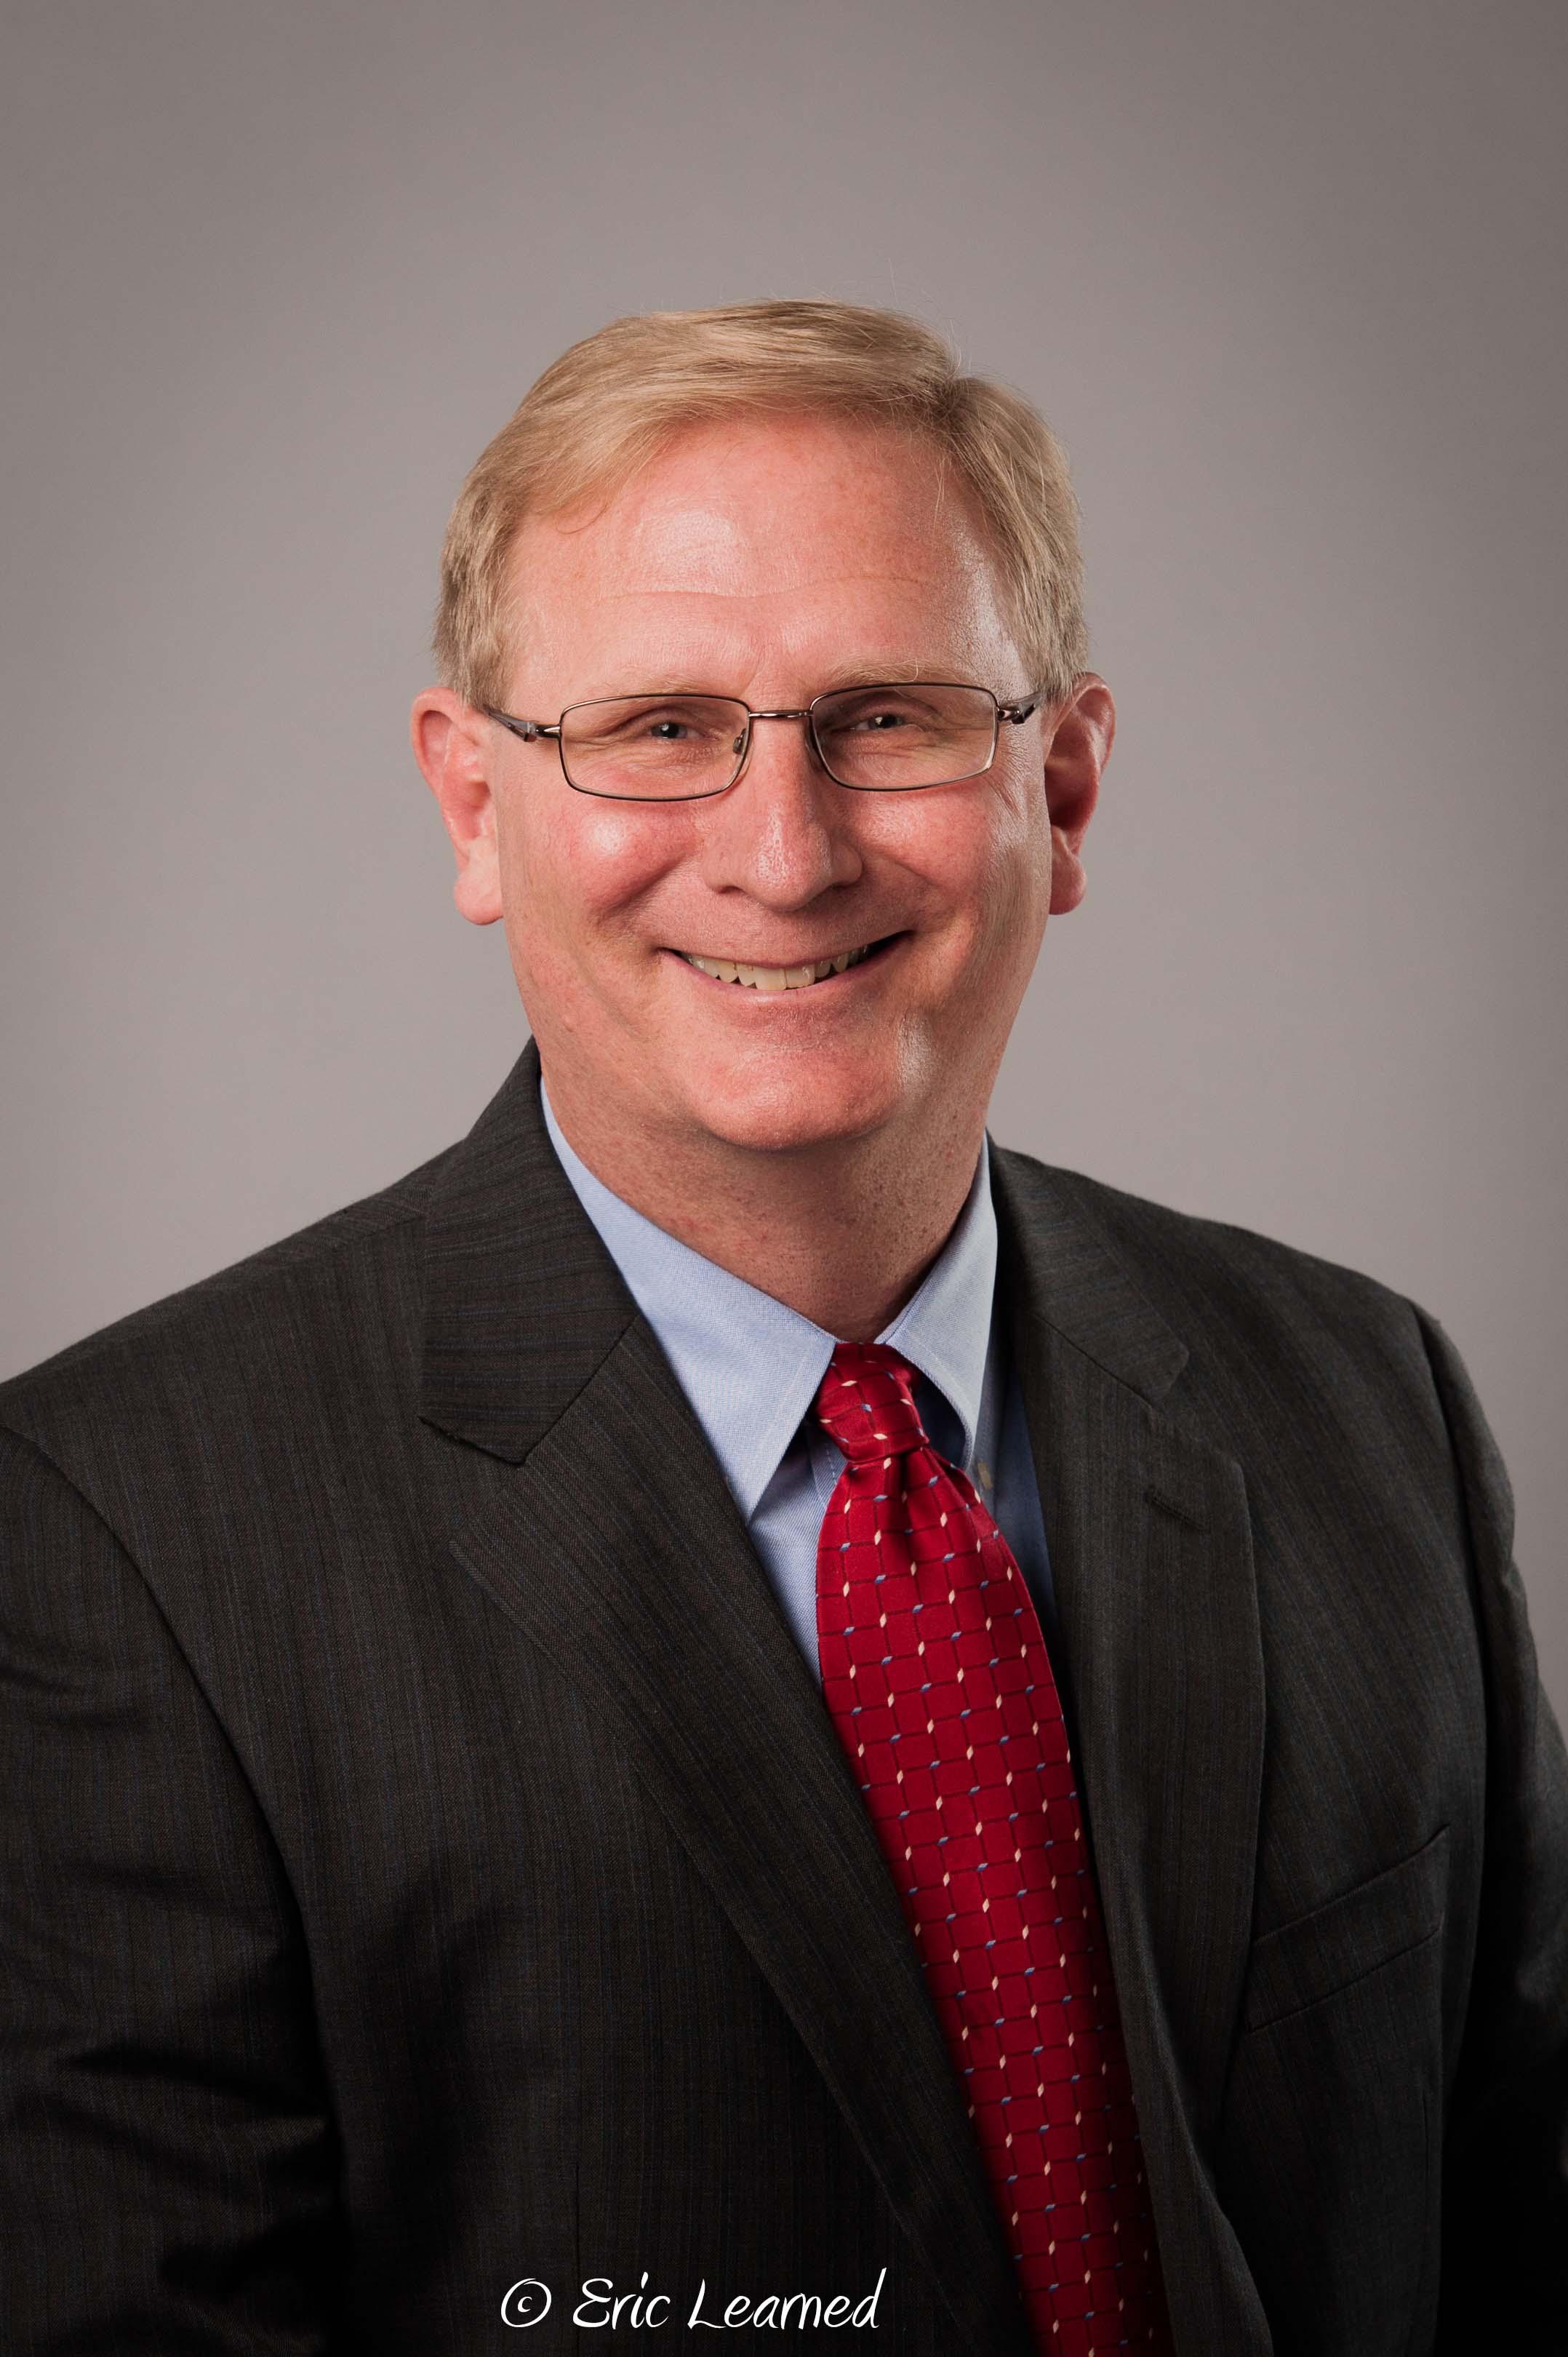 Robert Schultz